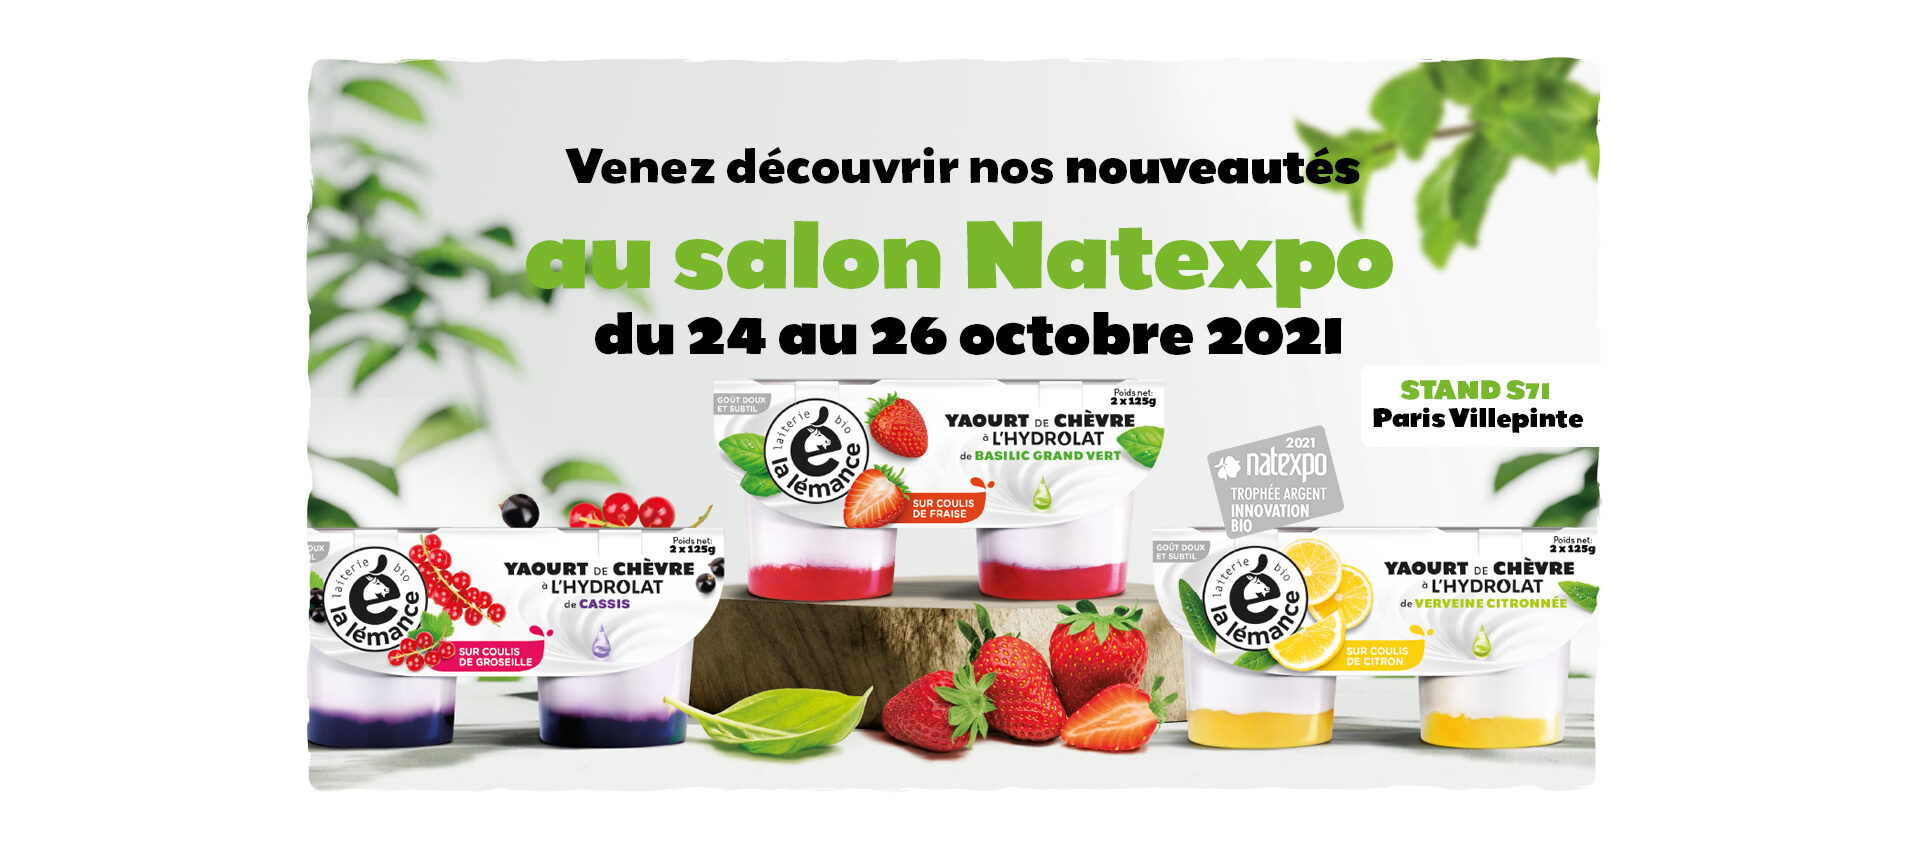 Salon Natexpo - Du 24 au 26 octobre2021